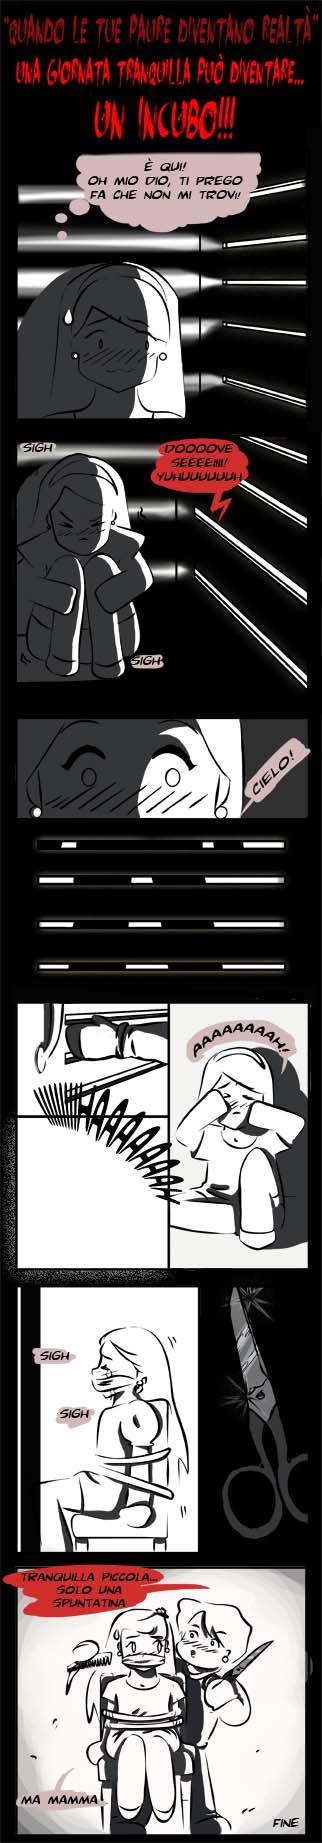 strip3 by NeJeD